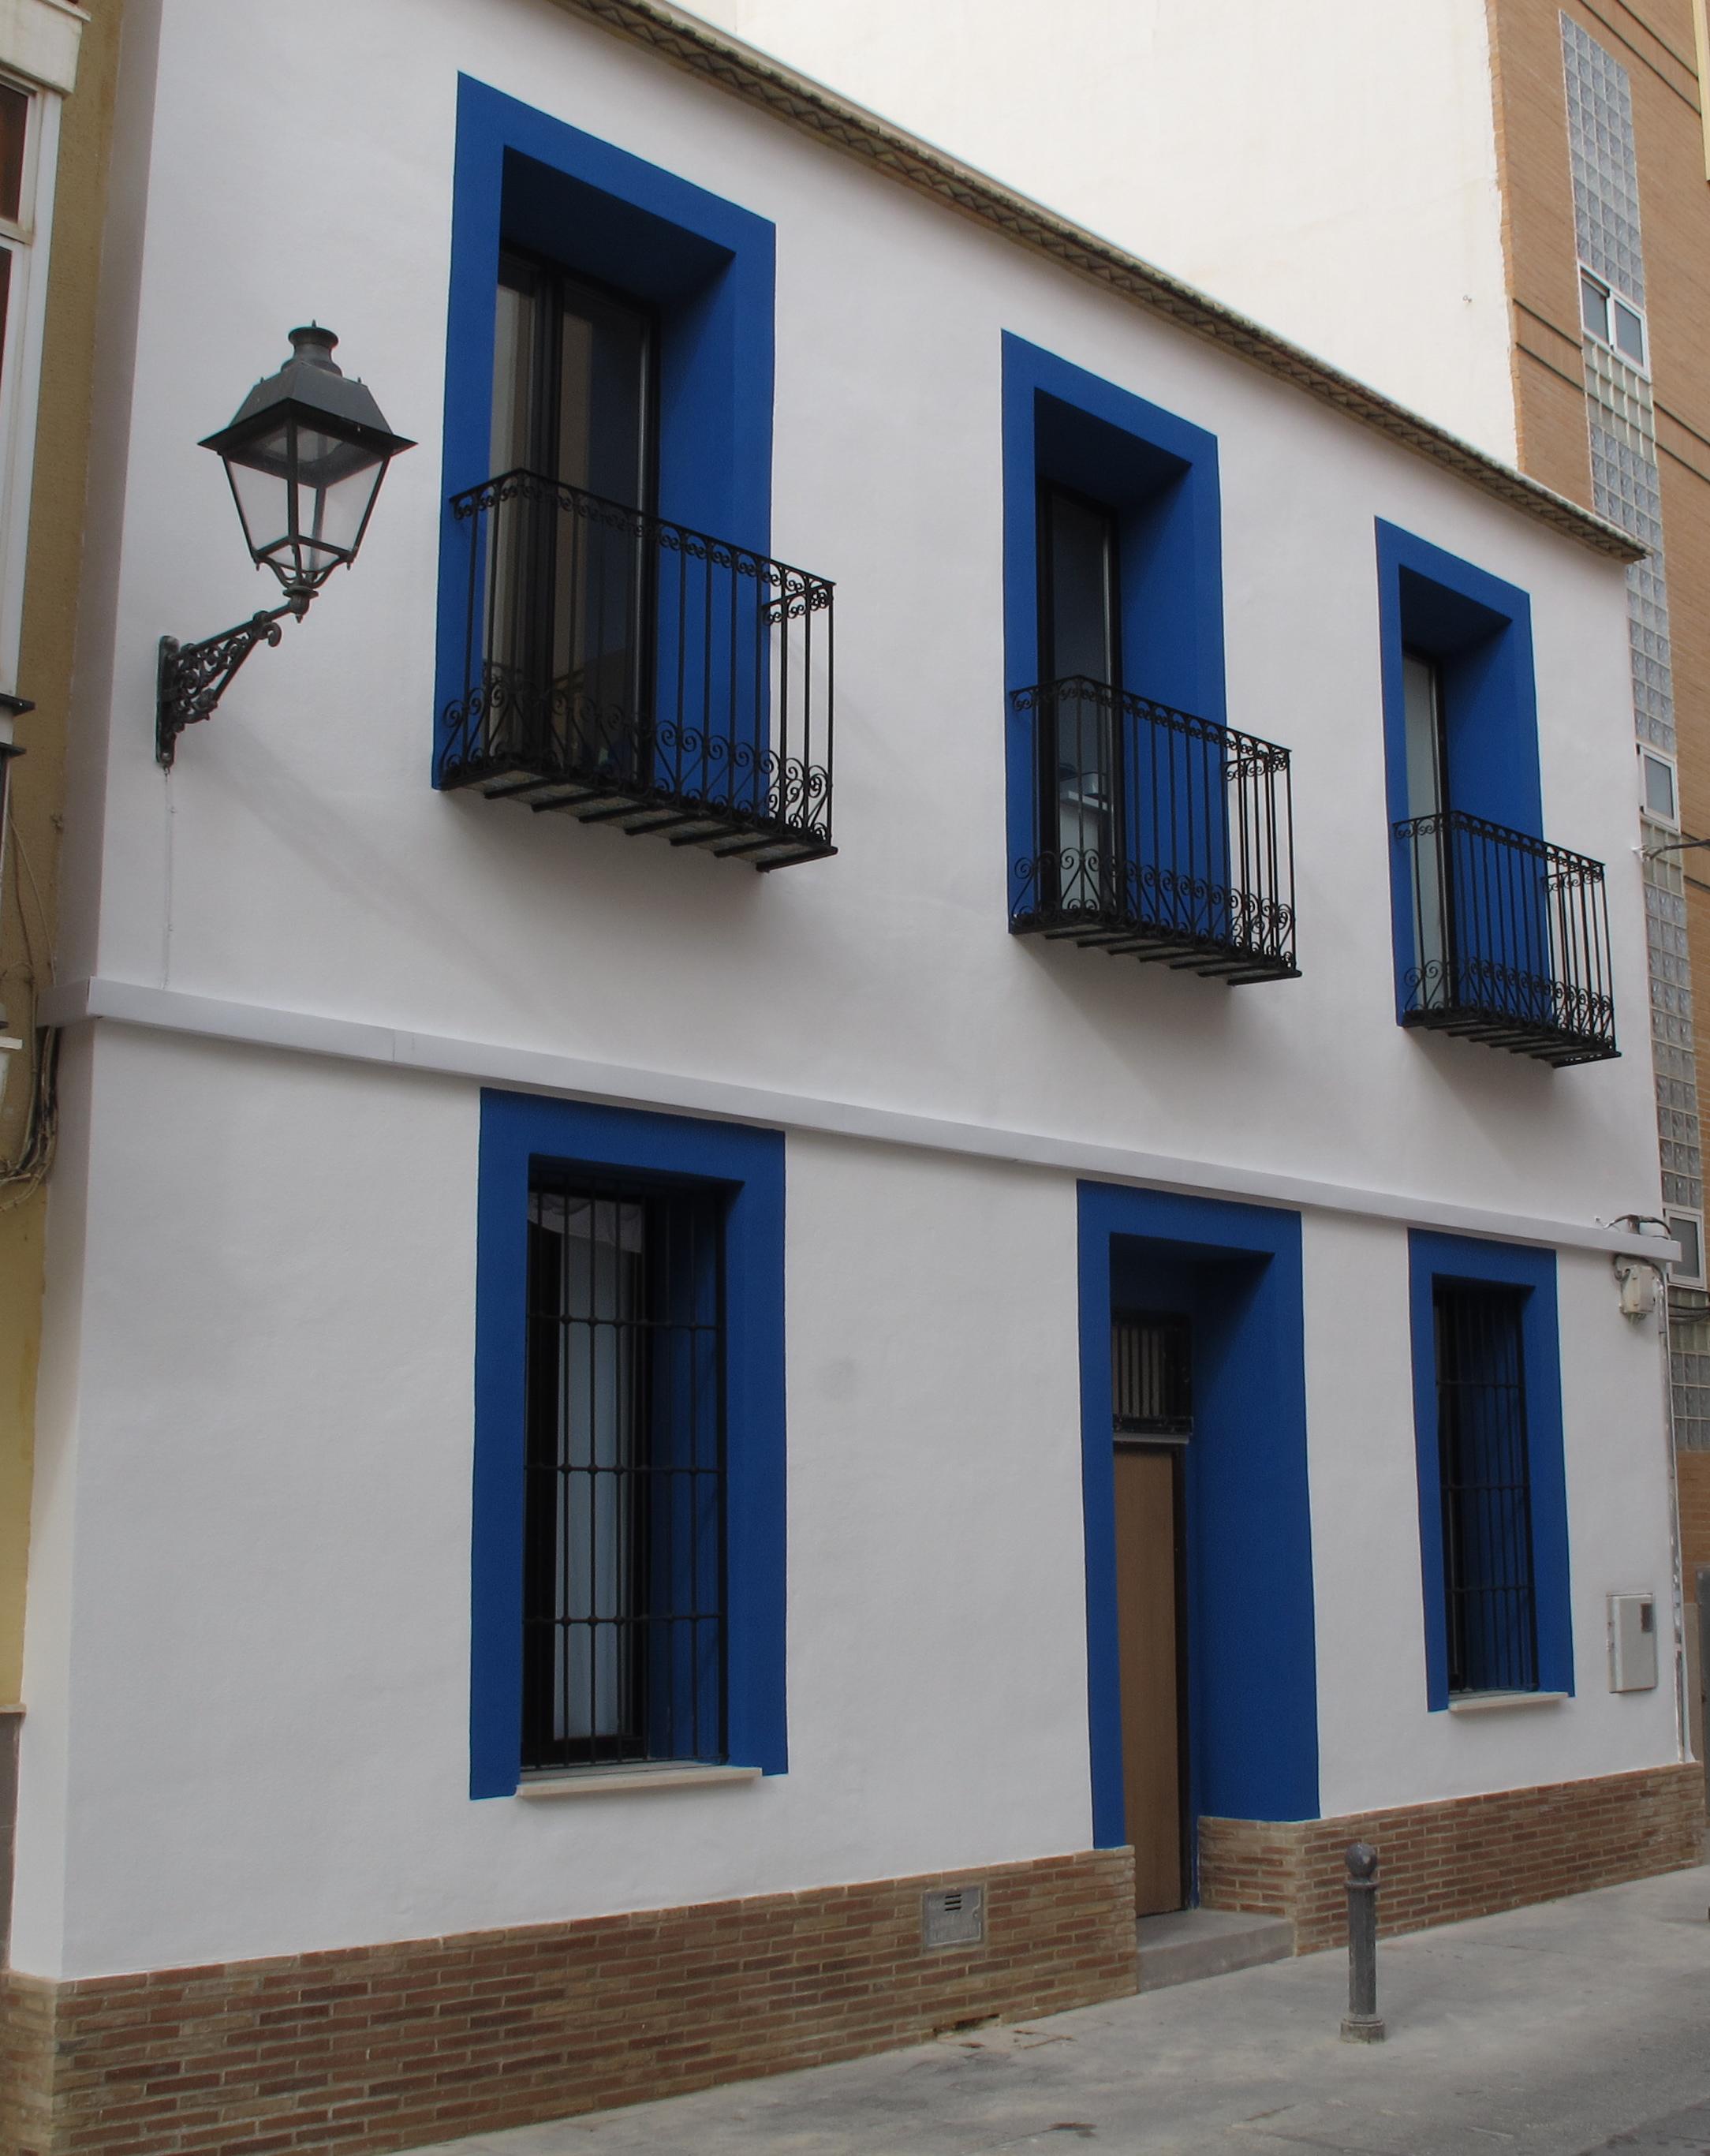 Rehabilitaci n de fachada en el barrio hist rico del rabal - Zocalos de fachadas ...